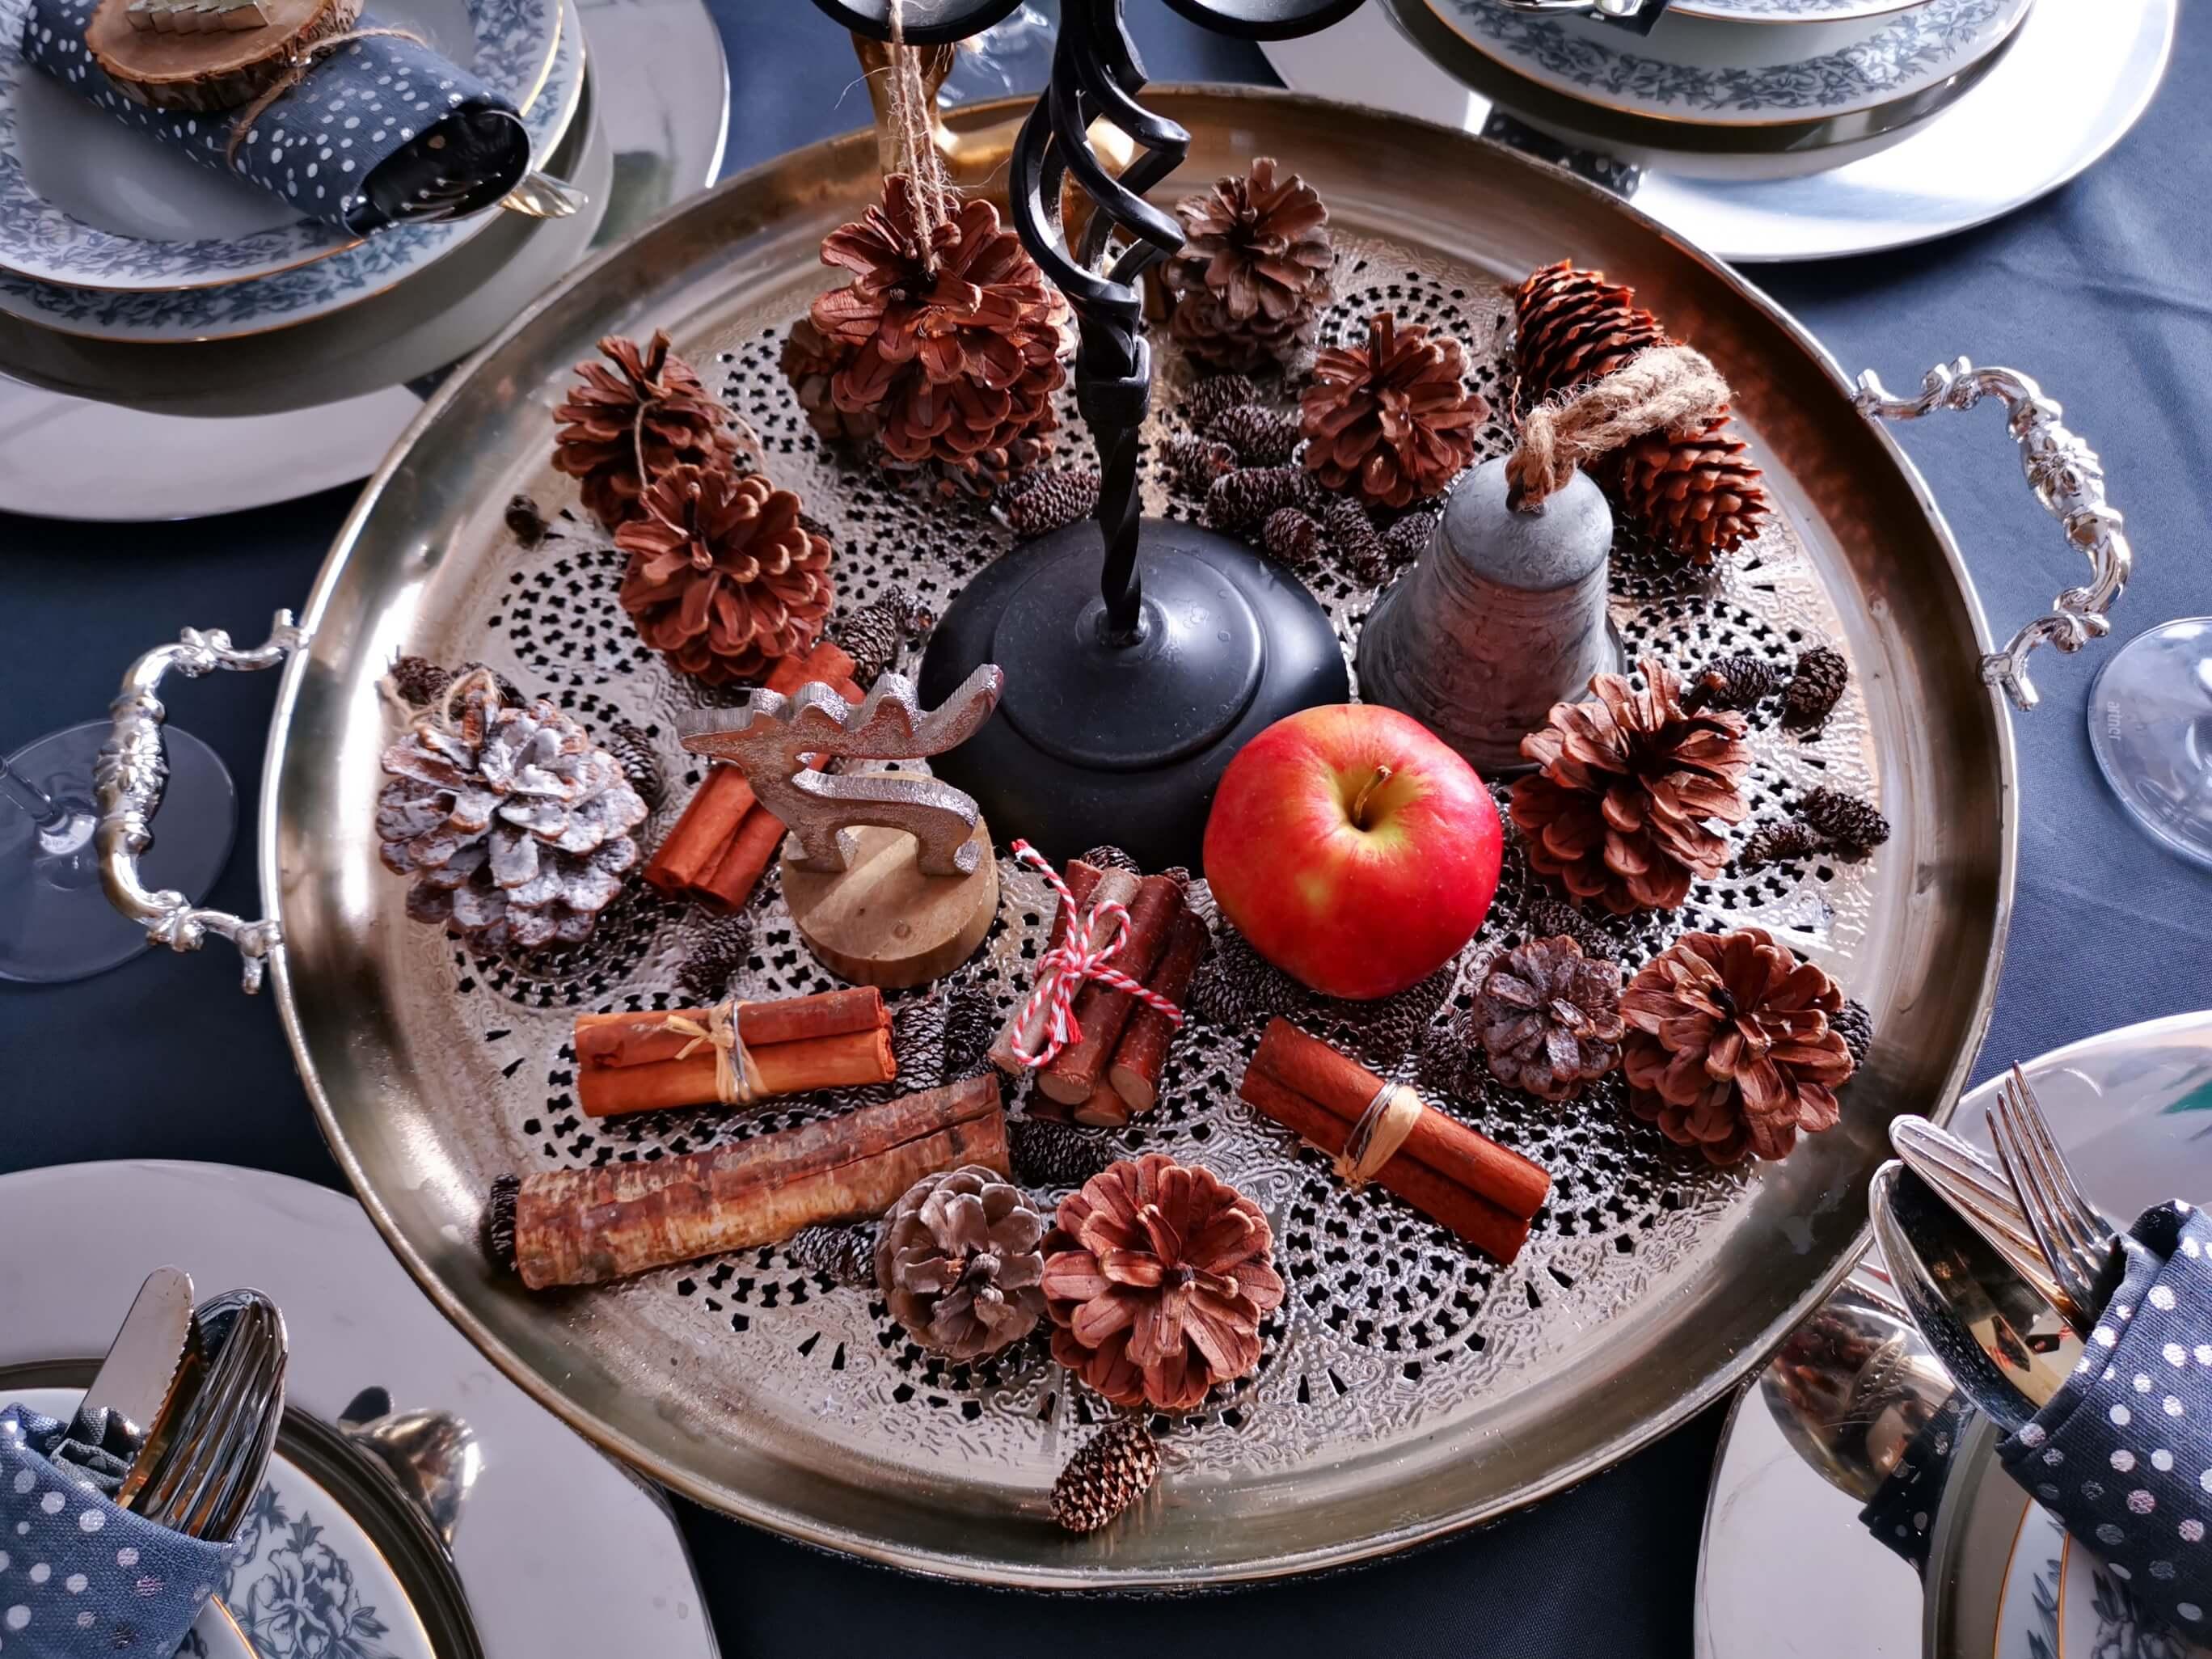 IMG 20191201 133839 resized 20191201 082854633 - Inšpirácia na krásne vyzdobený vianočný stôl